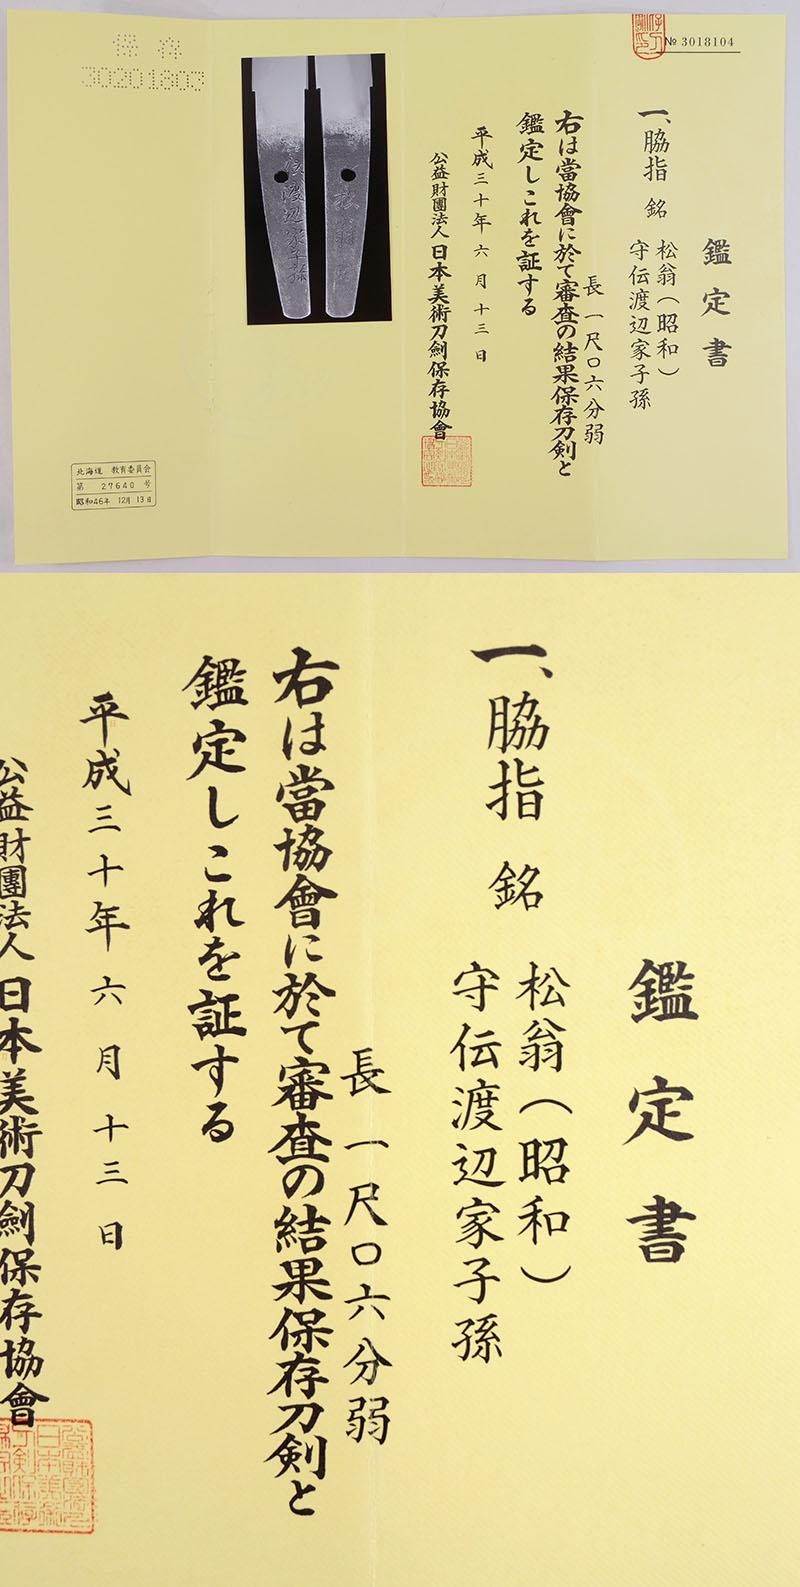 松翁(昭和)鑑定書画像